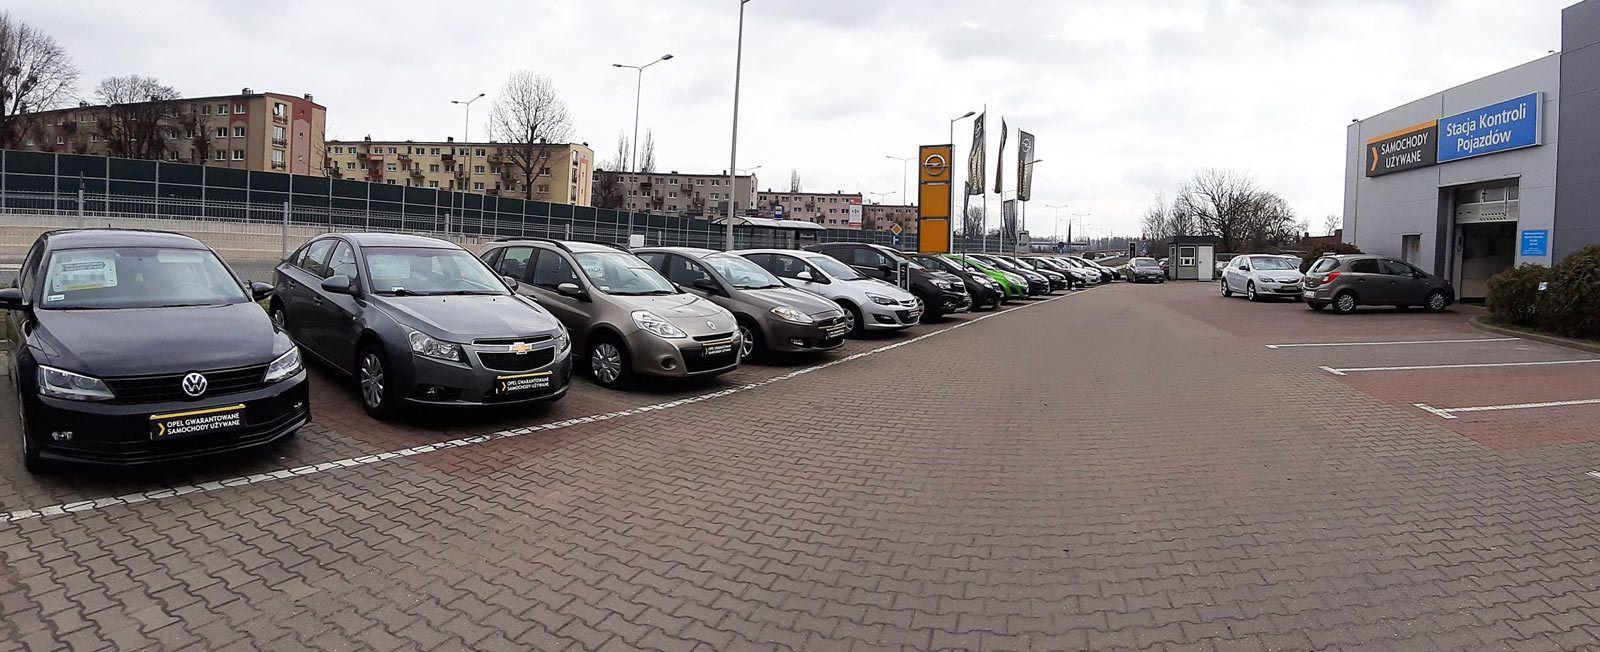 Opel auta używane salonowe